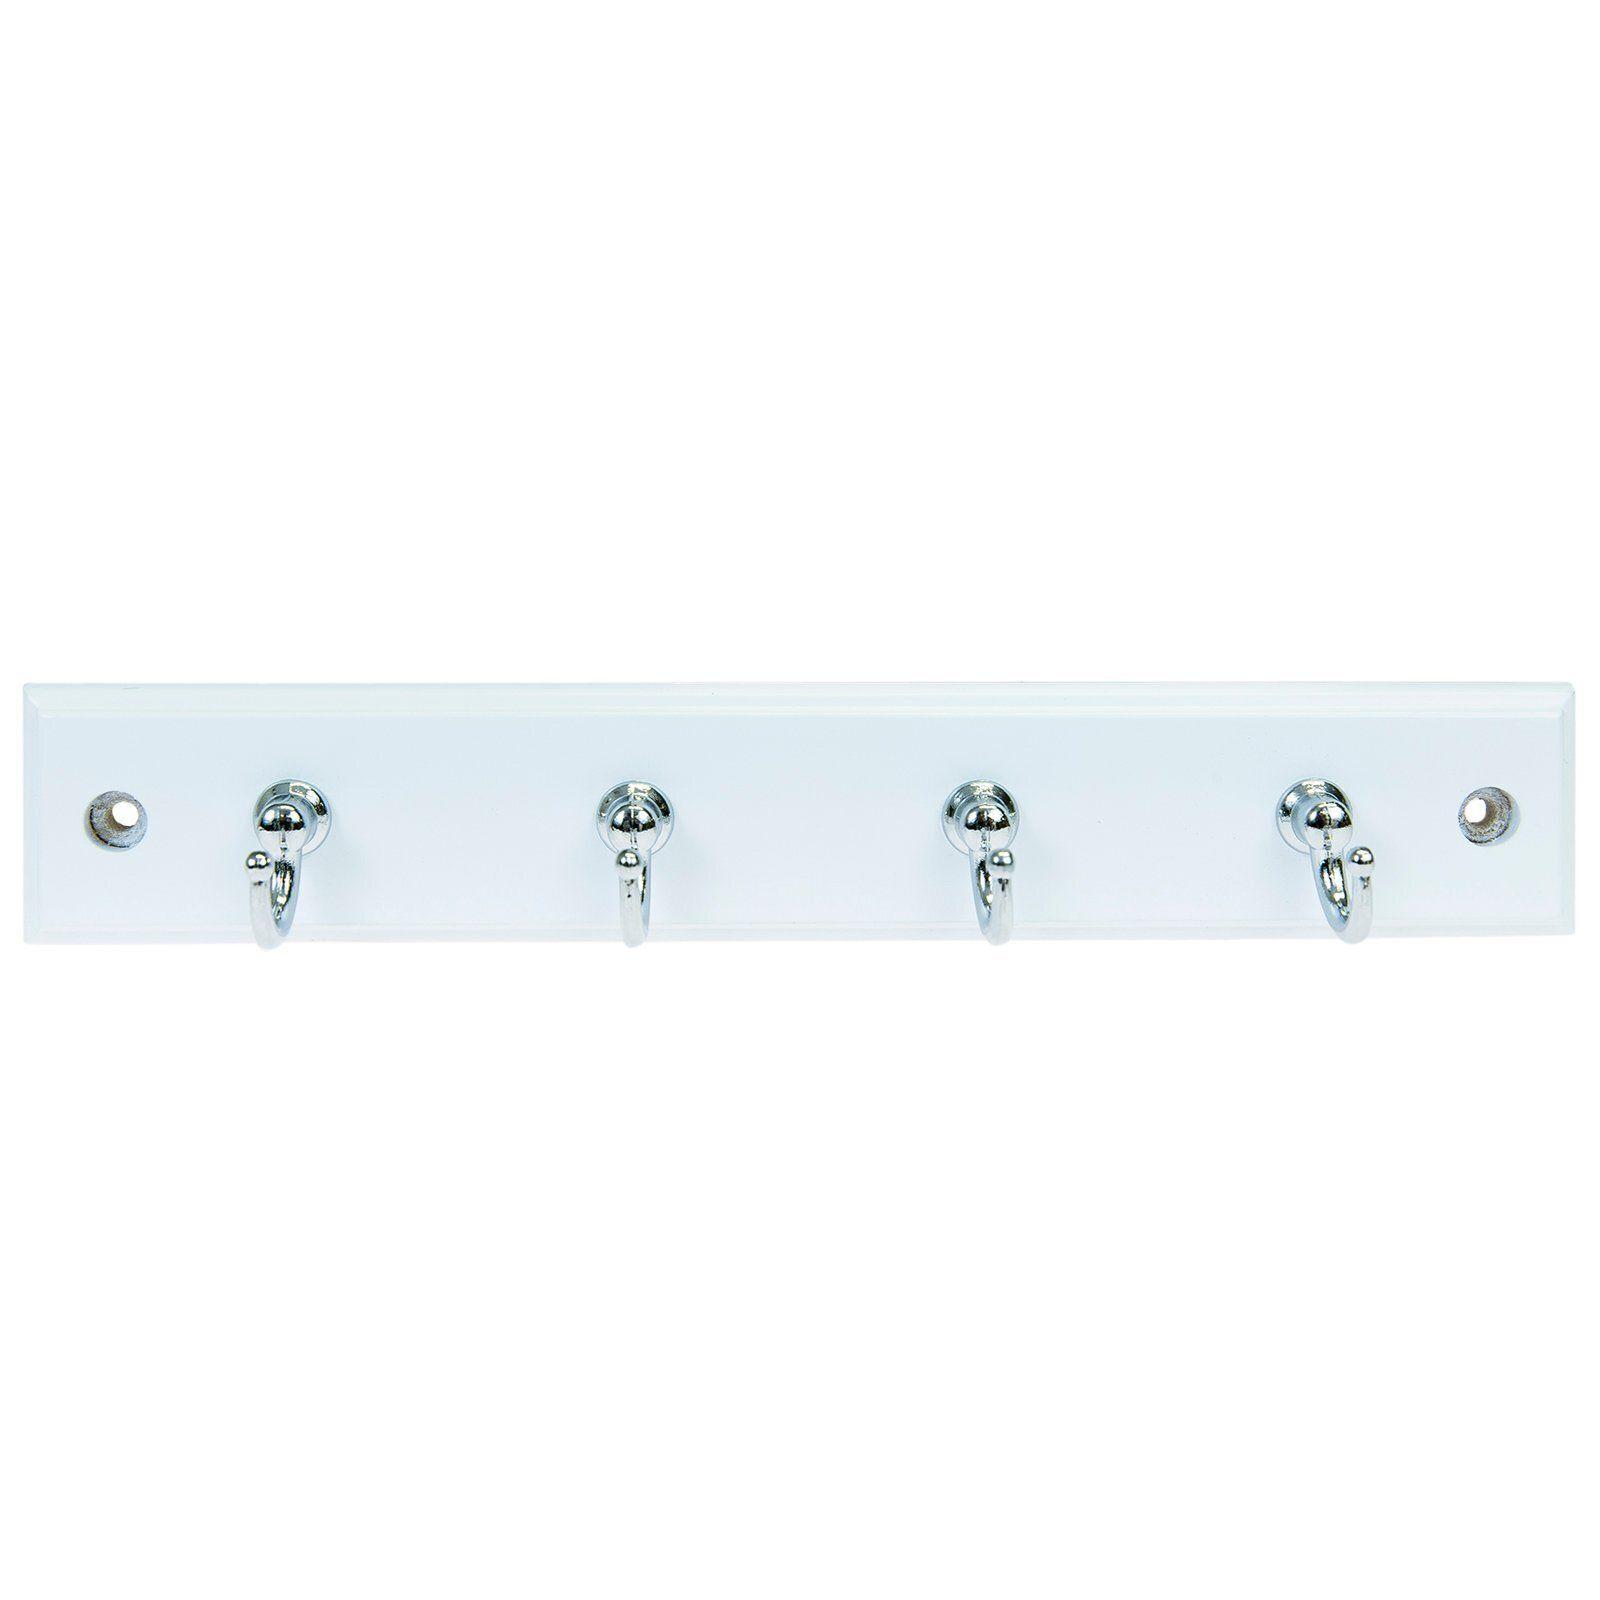 MODE 4 Chrome Hooks On White Board Key Rack